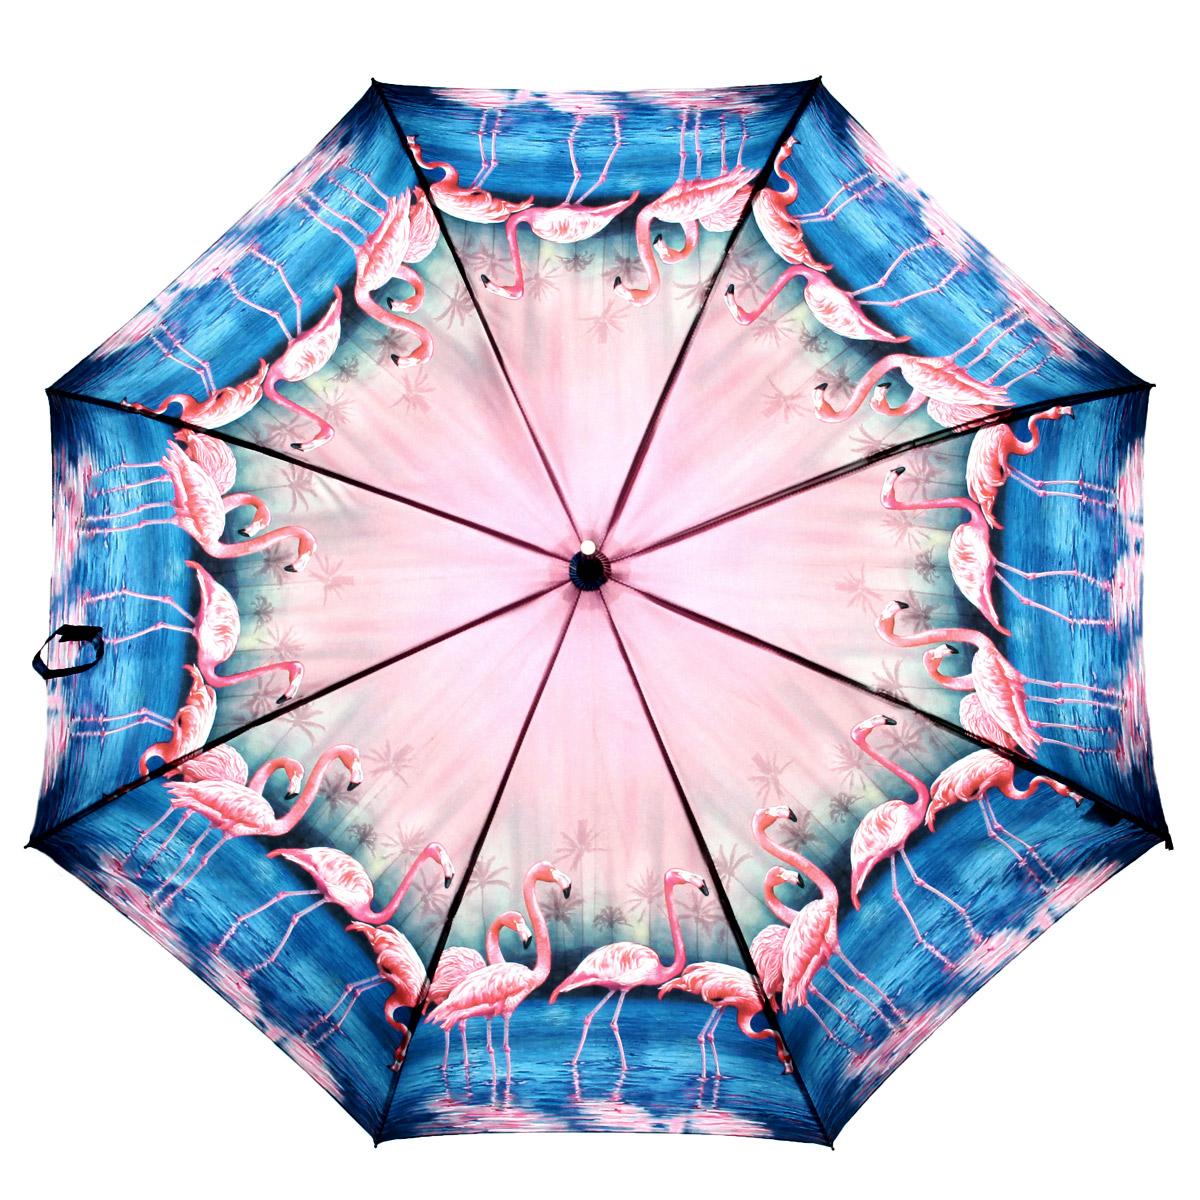 Зонт-трость Flioraj Фламинго, полуавтомат, голубой, розовый001-3 FJЭлегантный полуавтоматический зонт-трость Flioraj Фламинго даже в ненастную погоду позволит вам подчеркнуть свою индивидуальность. Каркас зонта из анодированной стали состоит из восьми карбоновых спиц, а рукоятка закругленной формы разработана с учетом требований эргономики и покрыта искусственной кожей. Зонт снабжен системой Антиветер. Зонт имеет полуавтоматический механизм сложения: купол открывается нажатием кнопки на рукоятке, а закрывается вручную до характерного щелчка. Купол зонта выполнен из прочного полиэстера с тефлоновой пропиткой и оформлен оригинальным изображением фламинго на фоне залива. Закрытый купол фиксируется хлястиком на липучке. Такой зонт не только надежно защитит вас от дождя, но и станет стильным аксессуаром.